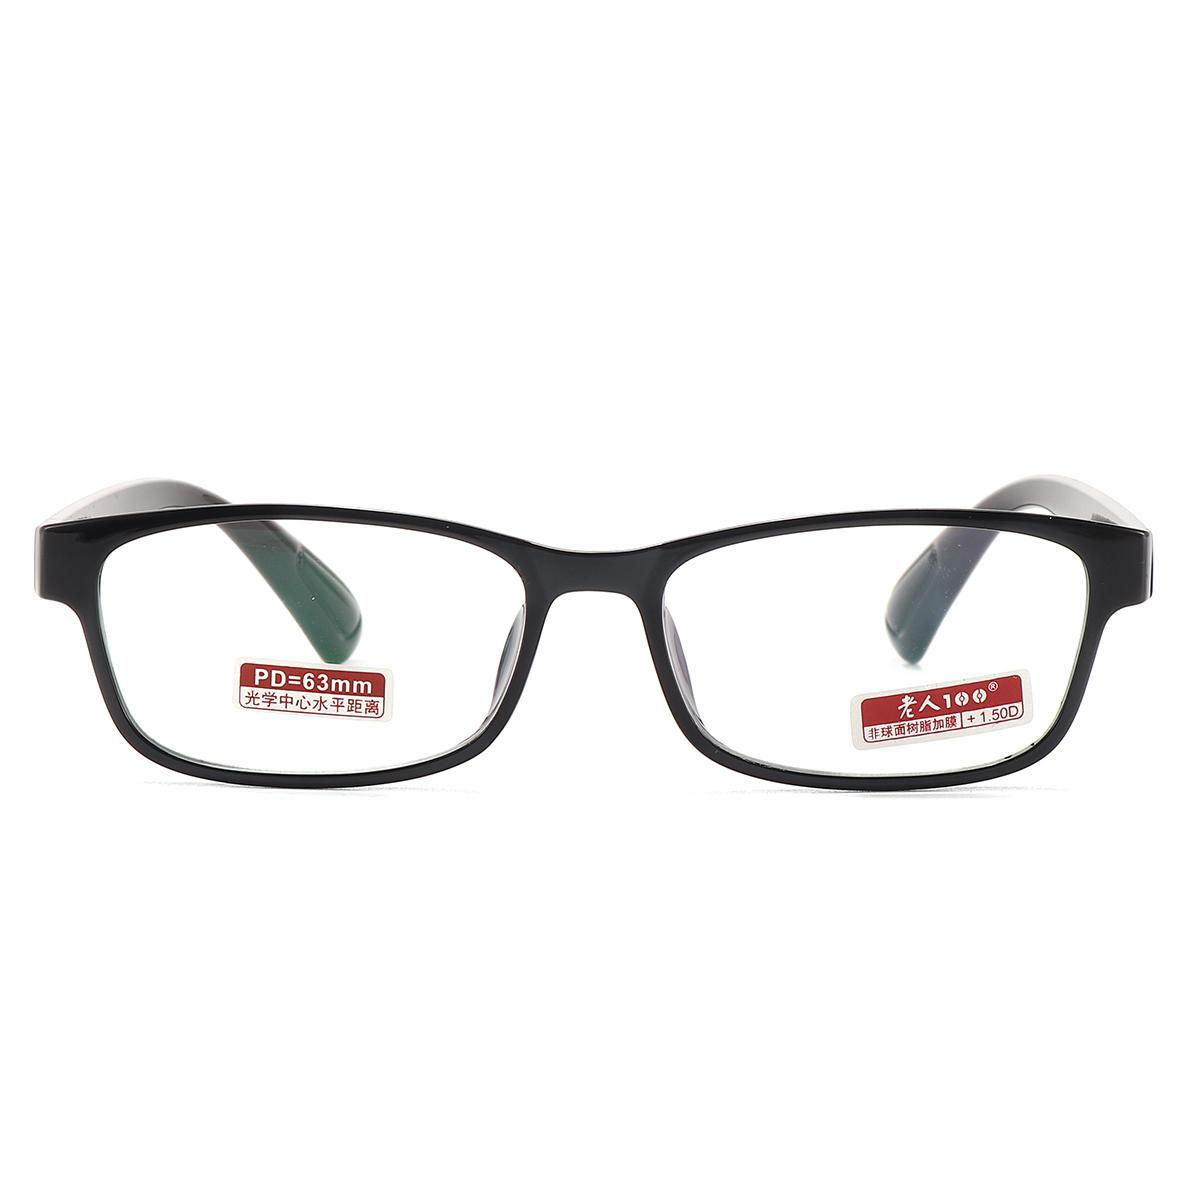 نظارات القراءة طويلة النظر بطبقة رقيقة من الإشعاع TR90 إطار